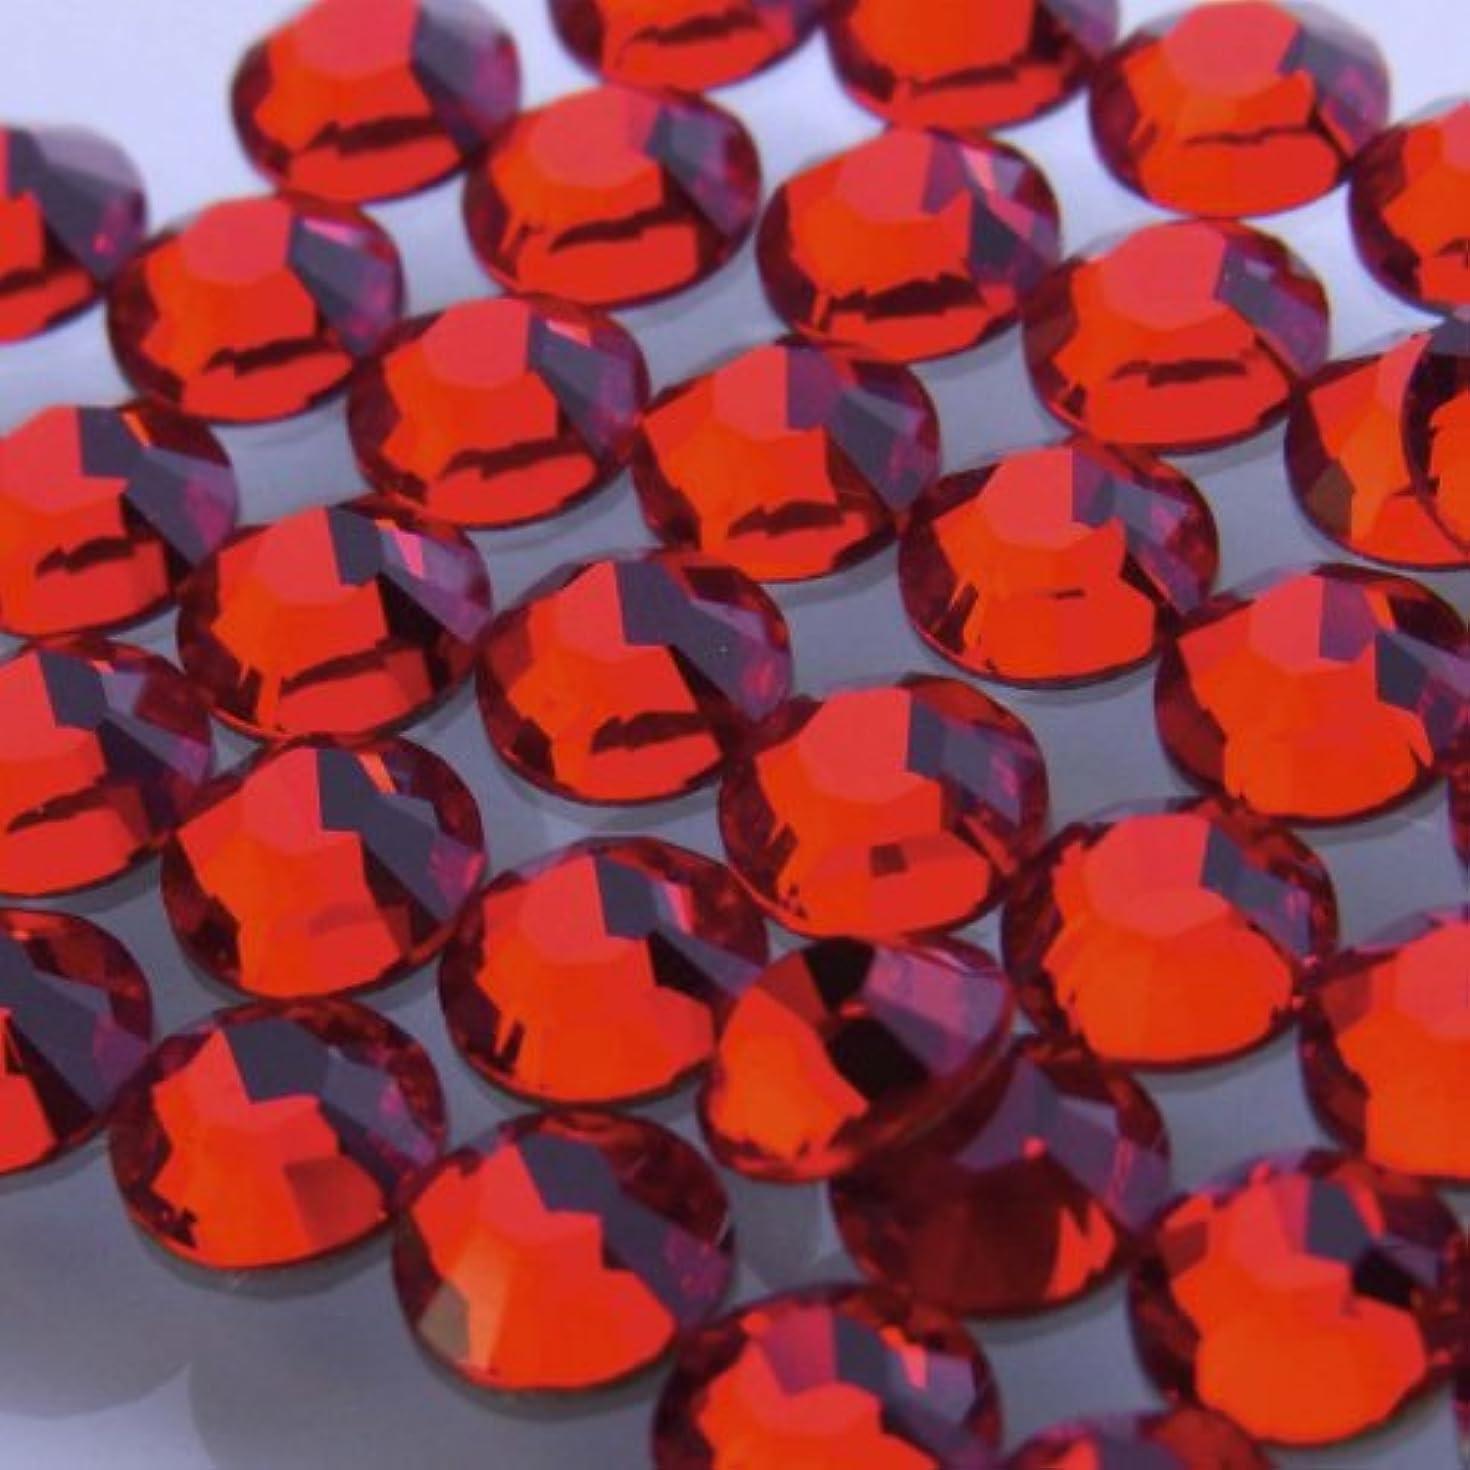 染料抑制する強盗Hotfixライトシャムss10(100粒入り)スワロフスキーラインストーンホットフィックス